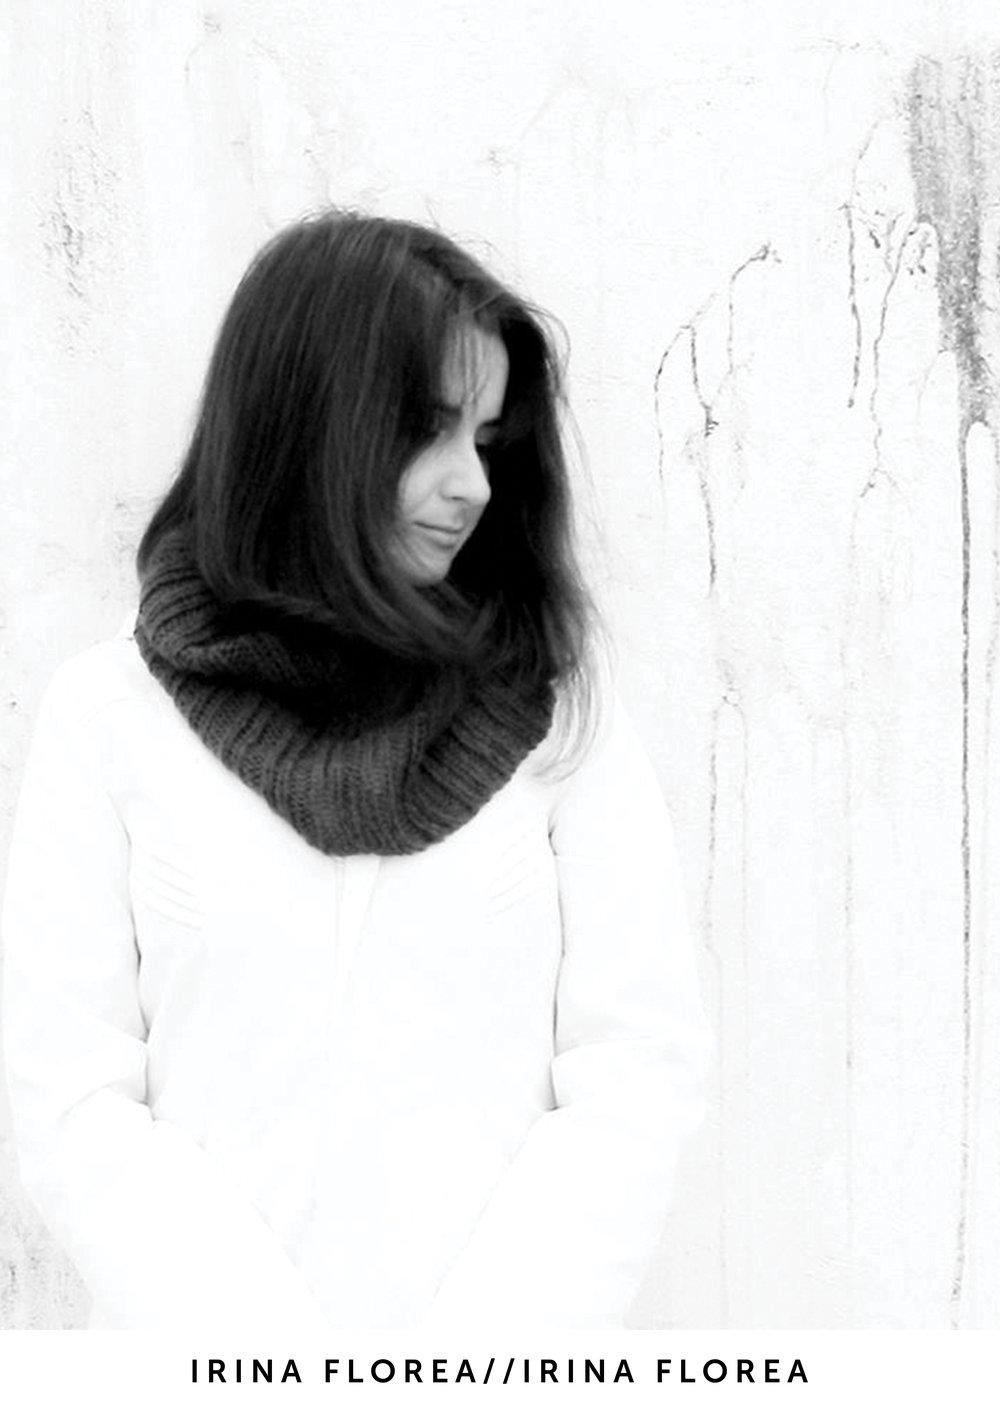 Irina Florea